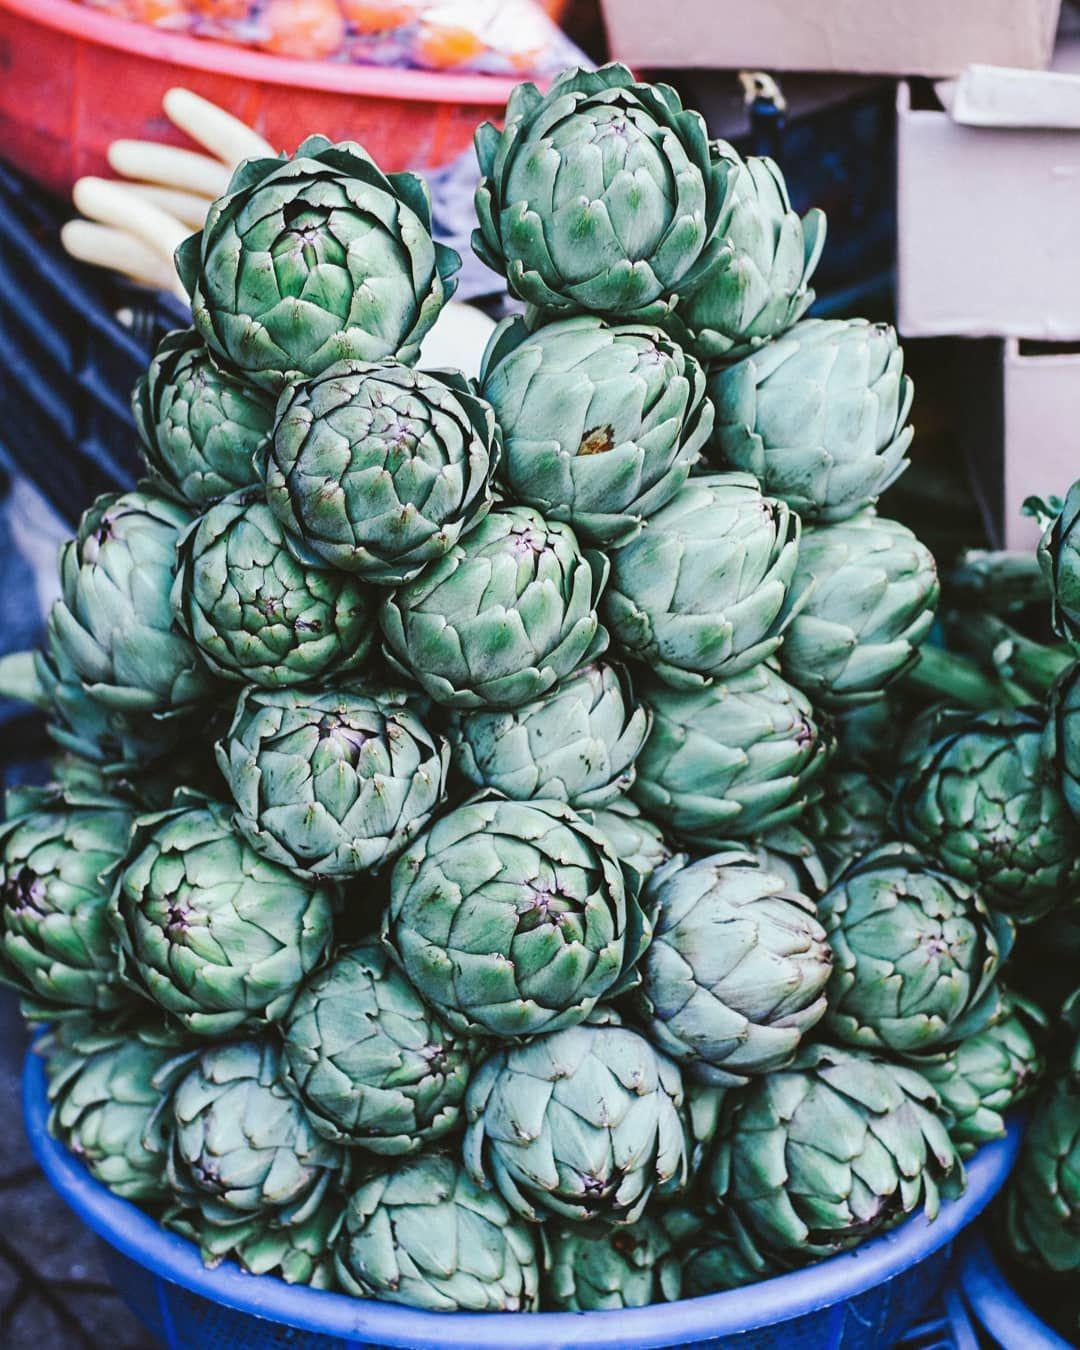 En septembre, on récolte nos légumes ! 😍 Quelle est votre recette secrète à base d'artichaut ? D ...